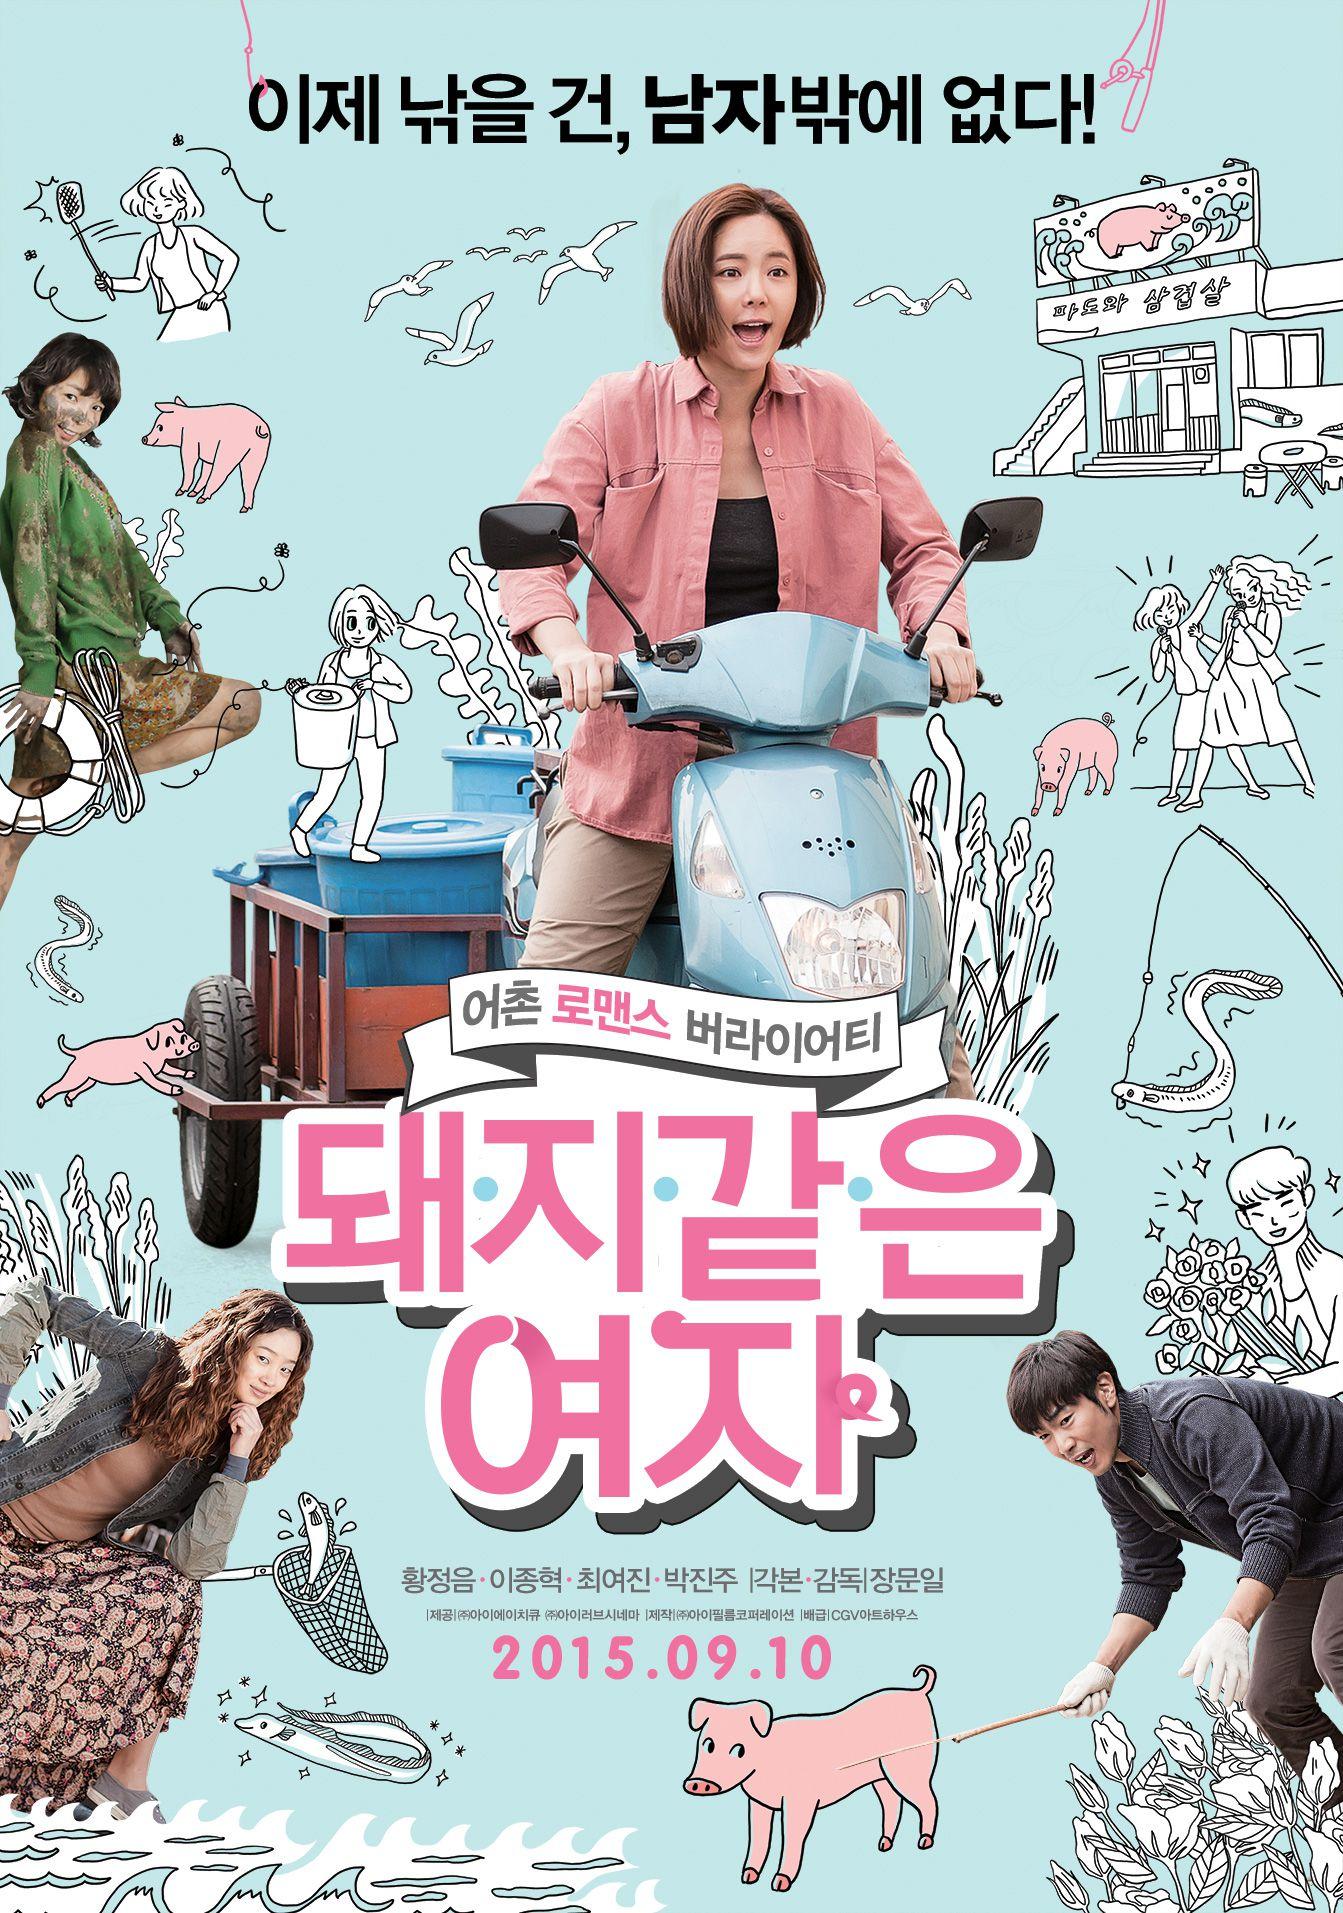 دانلود فیلم کره ای خواهر من خانم یه خوکه